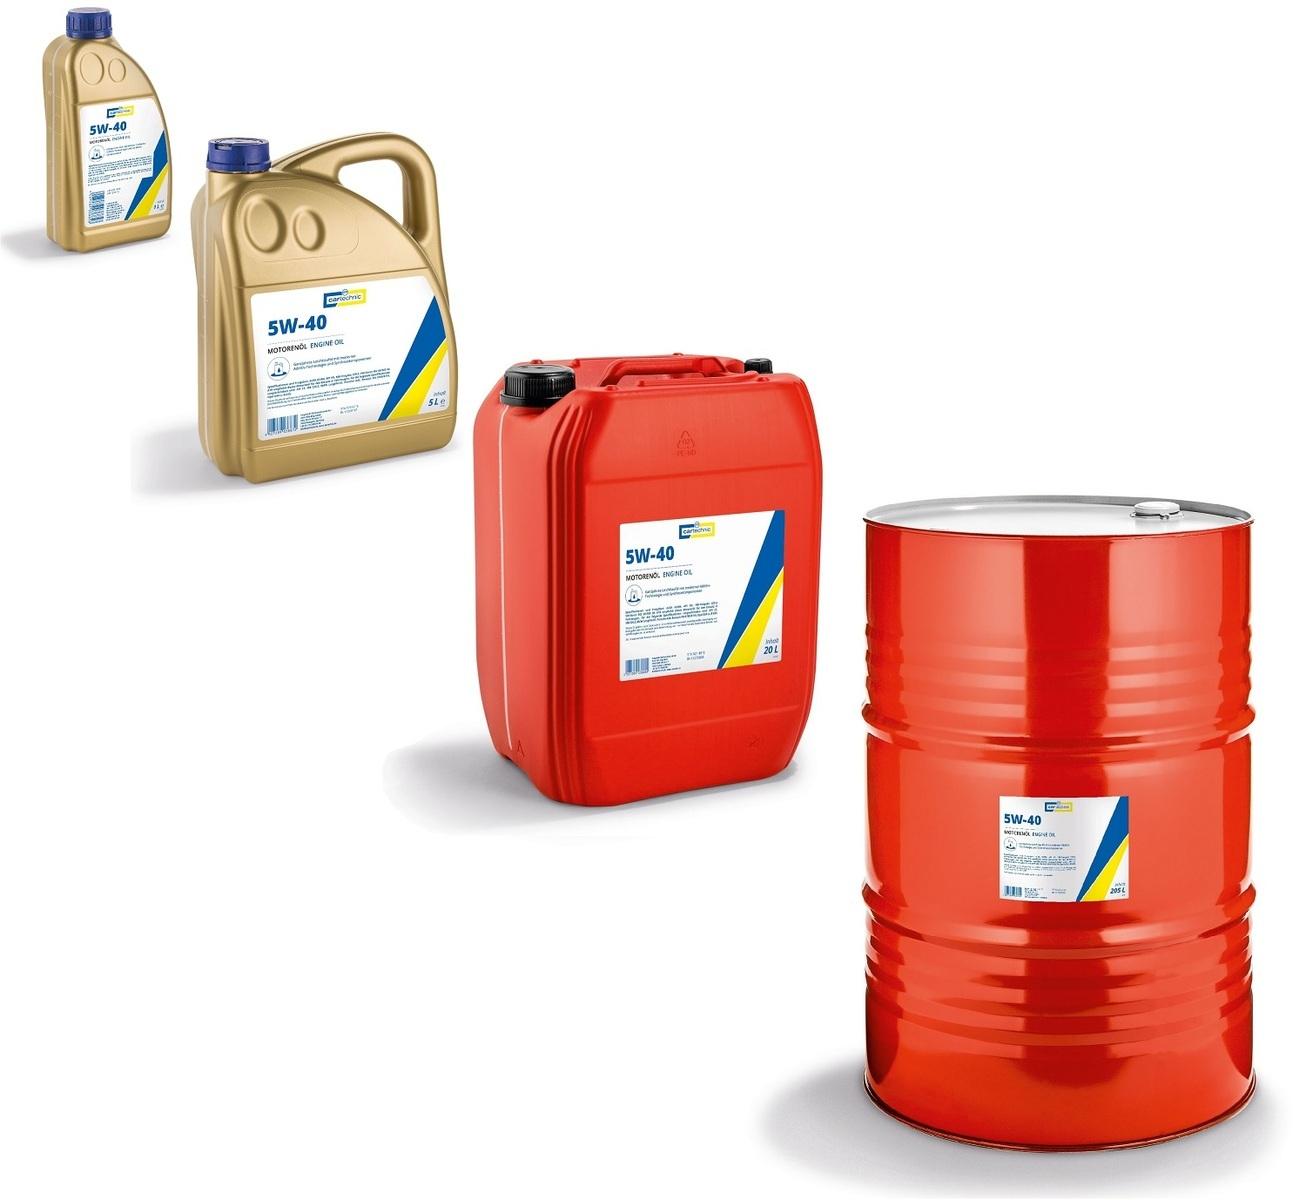 Motorový olej 5W-40, různé objemy - Cartechnic